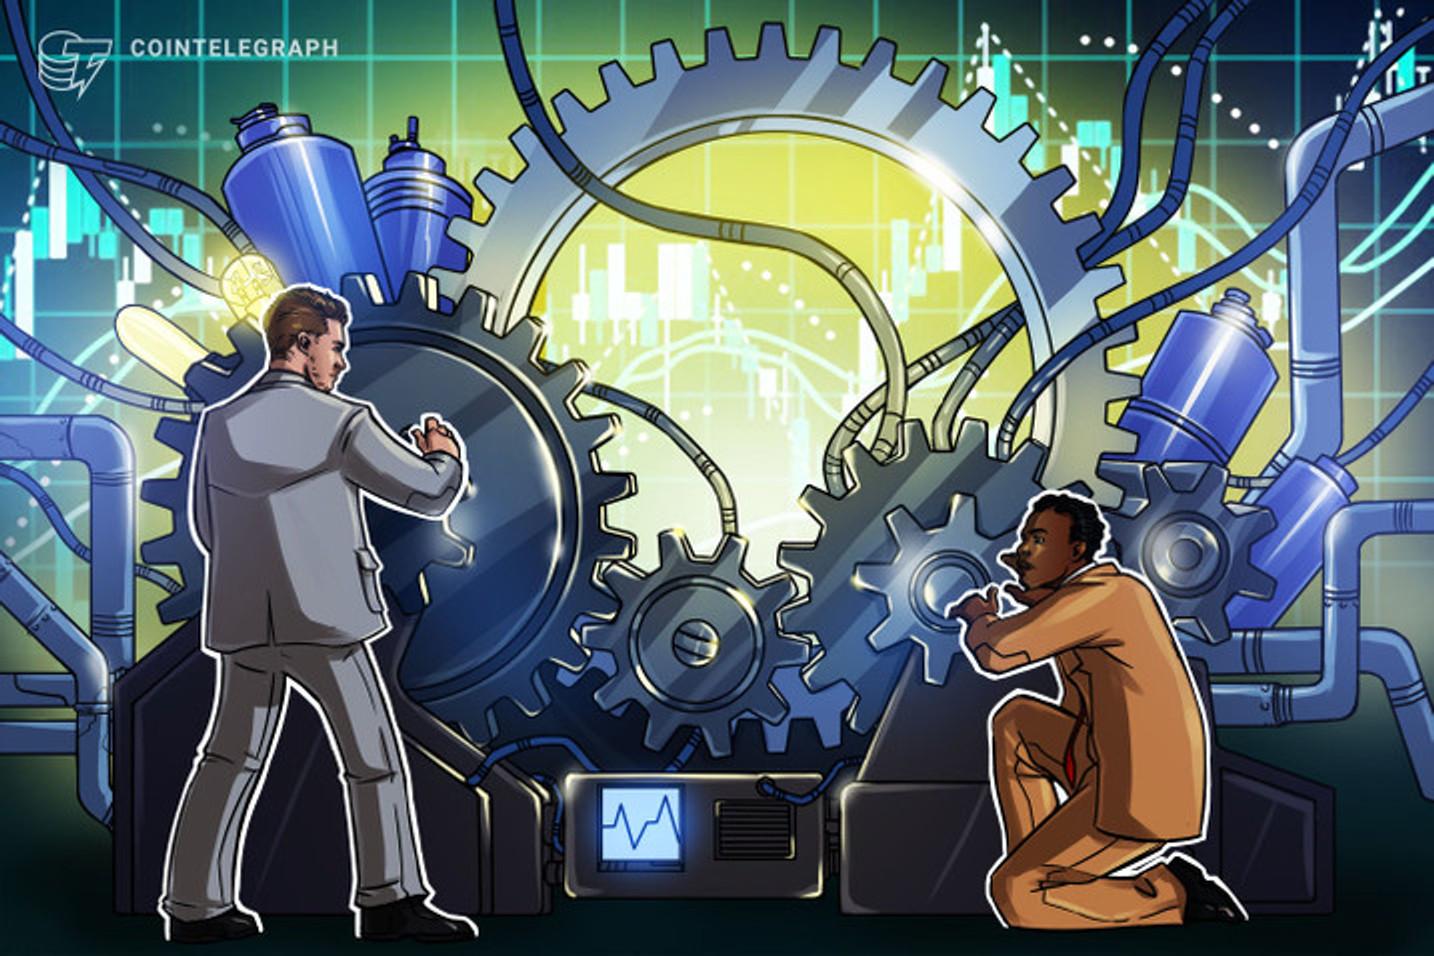 Österreichische Kryptobörse Bitpanda erhält Lizenz als Wertpapierfirma